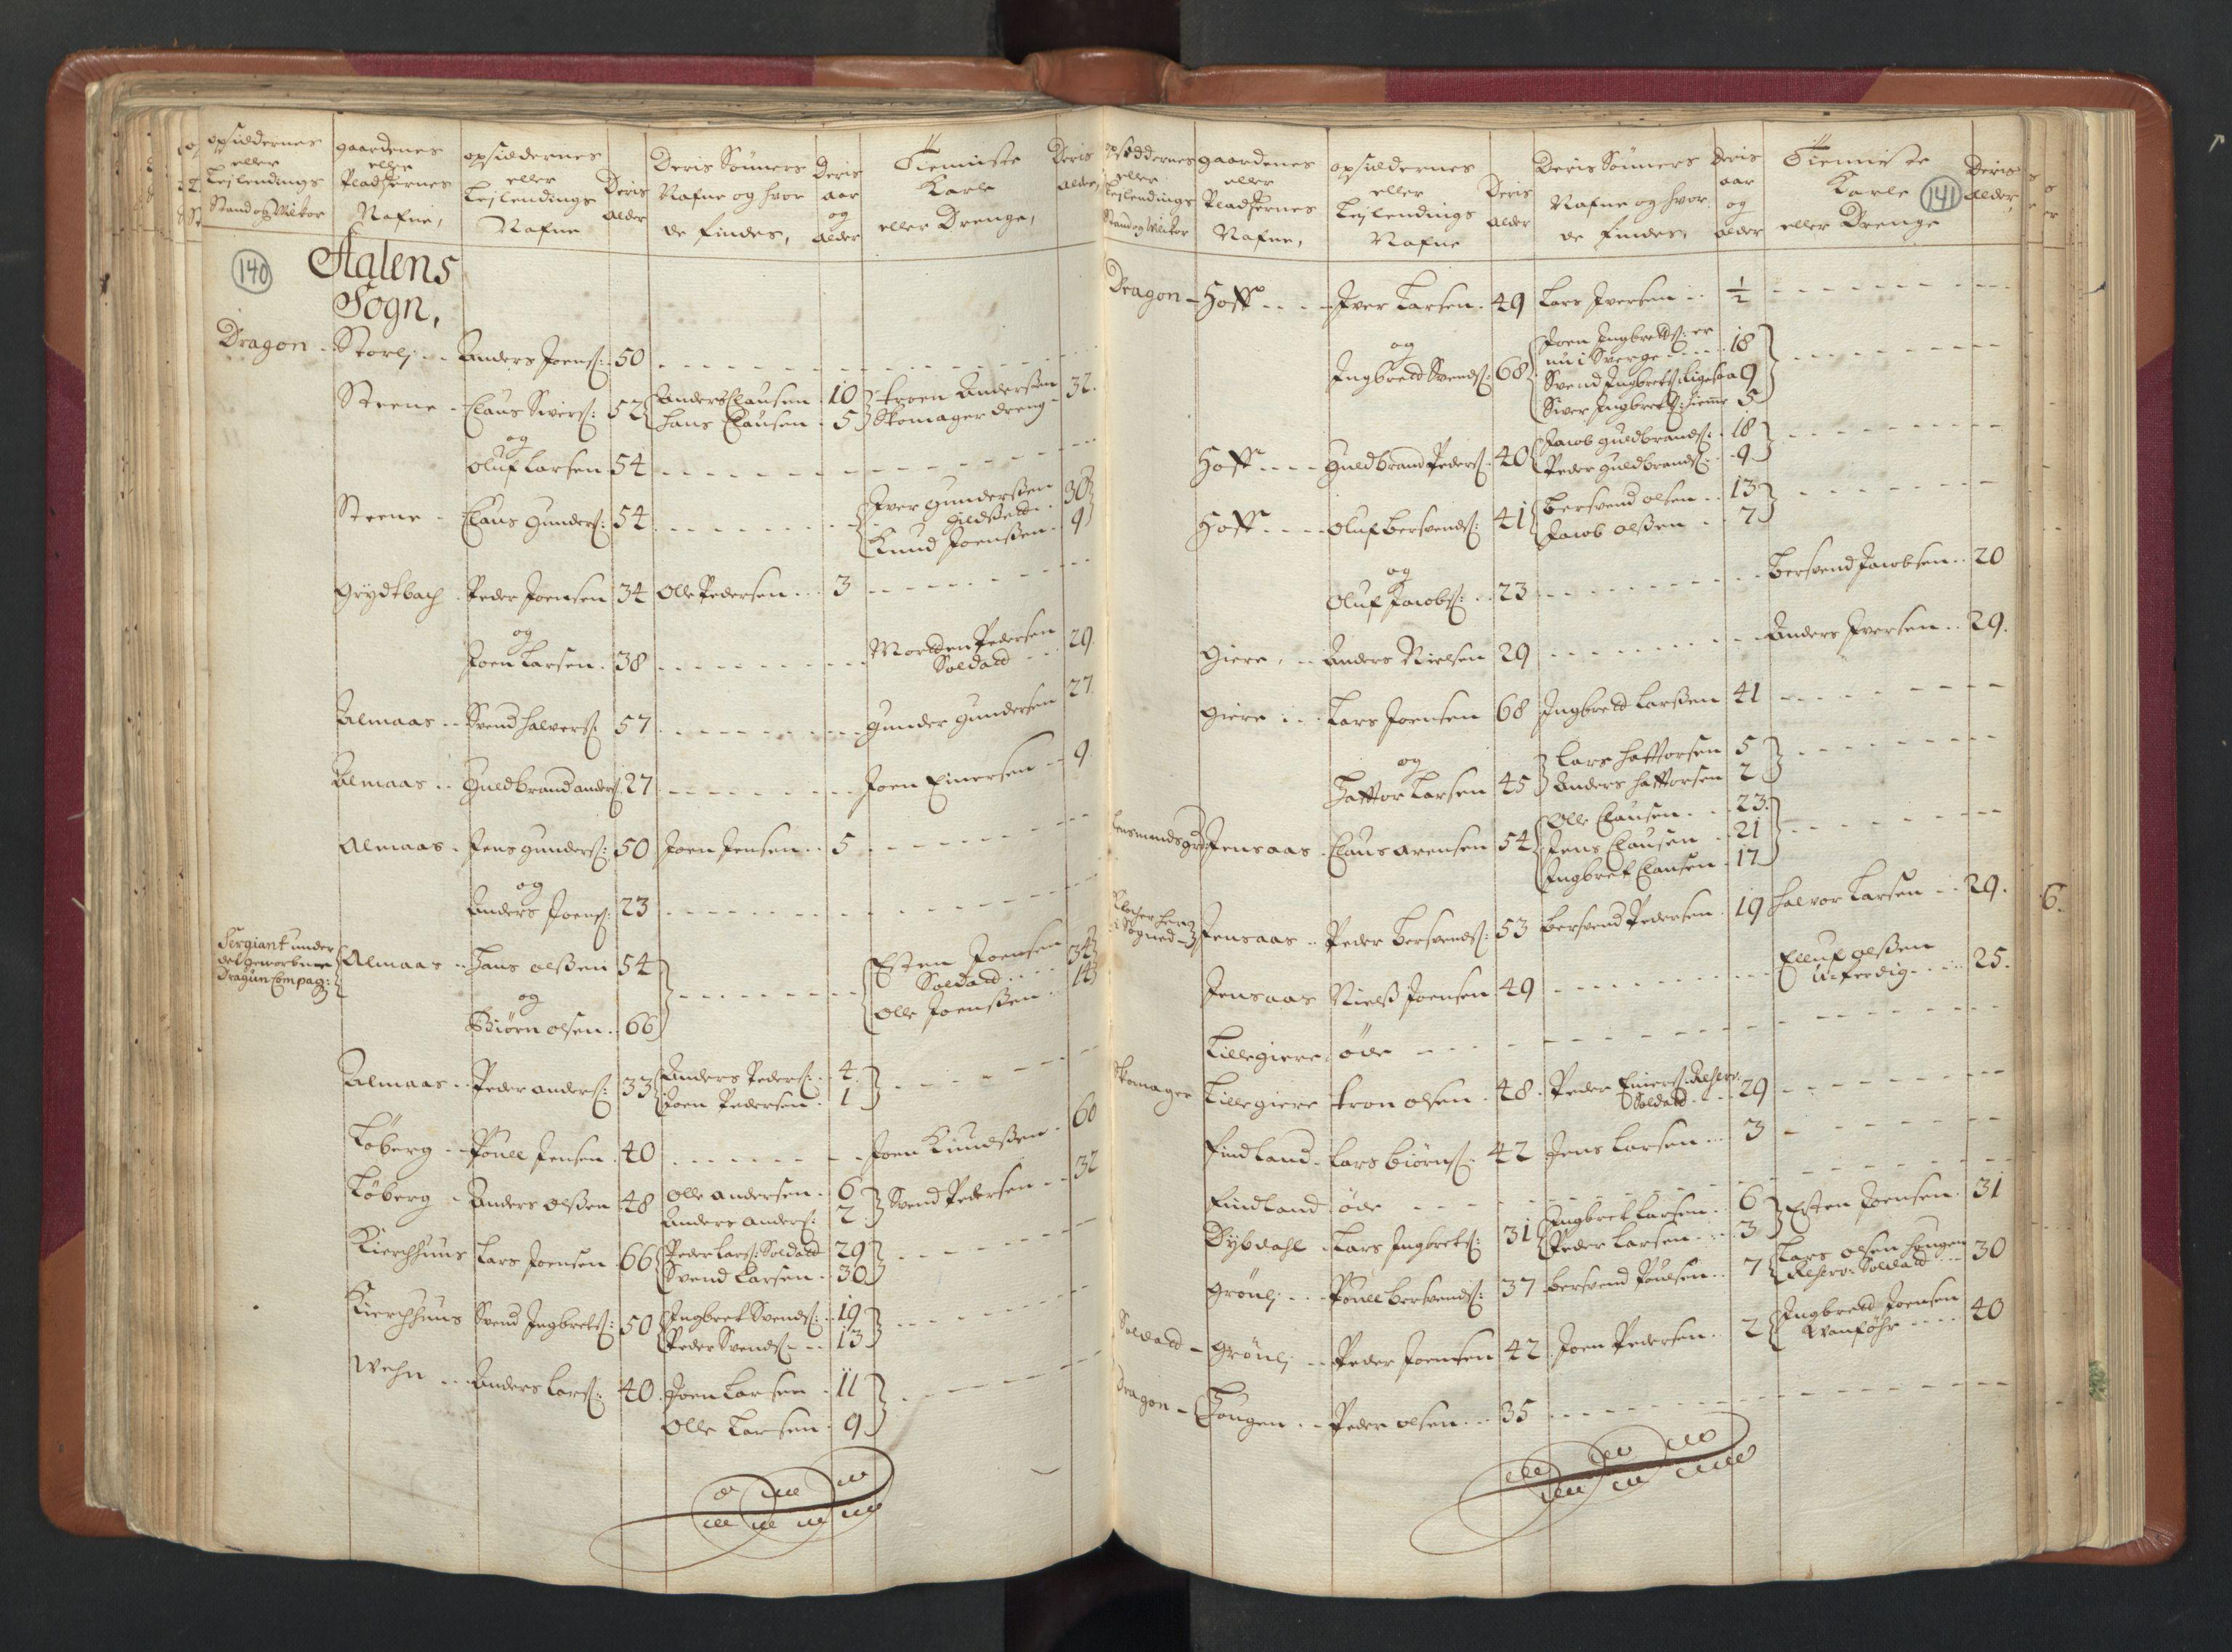 RA, Manntallet 1701, nr. 13: Orkdal fogderi og Gauldal fogderi med Røros kobberverk, 1701, s. 140-141